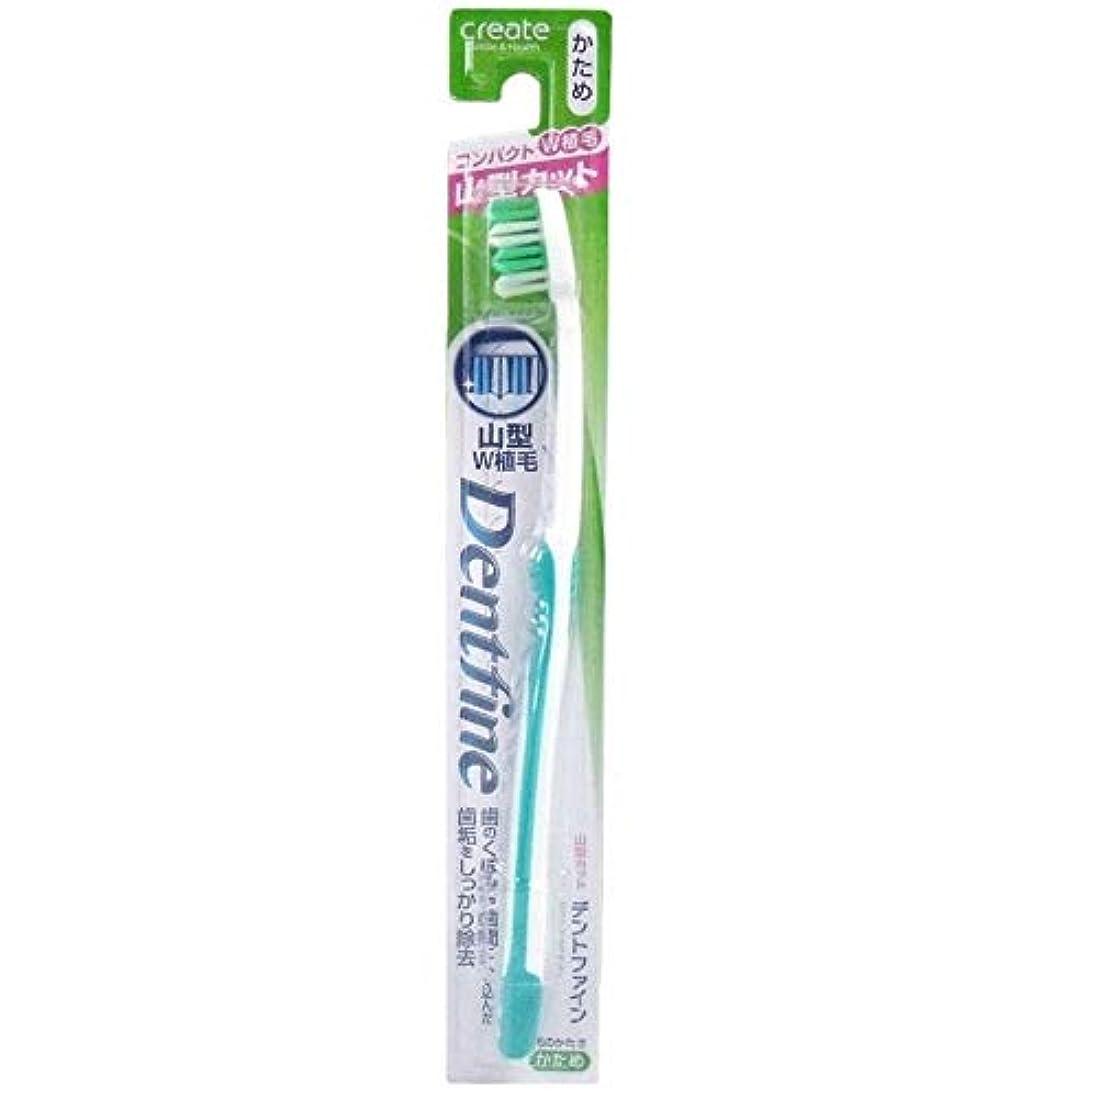 注釈集団的おとなしいデントファイン ラバーグリップ 山切りカット 歯ブラシ かため 1本:グリーン